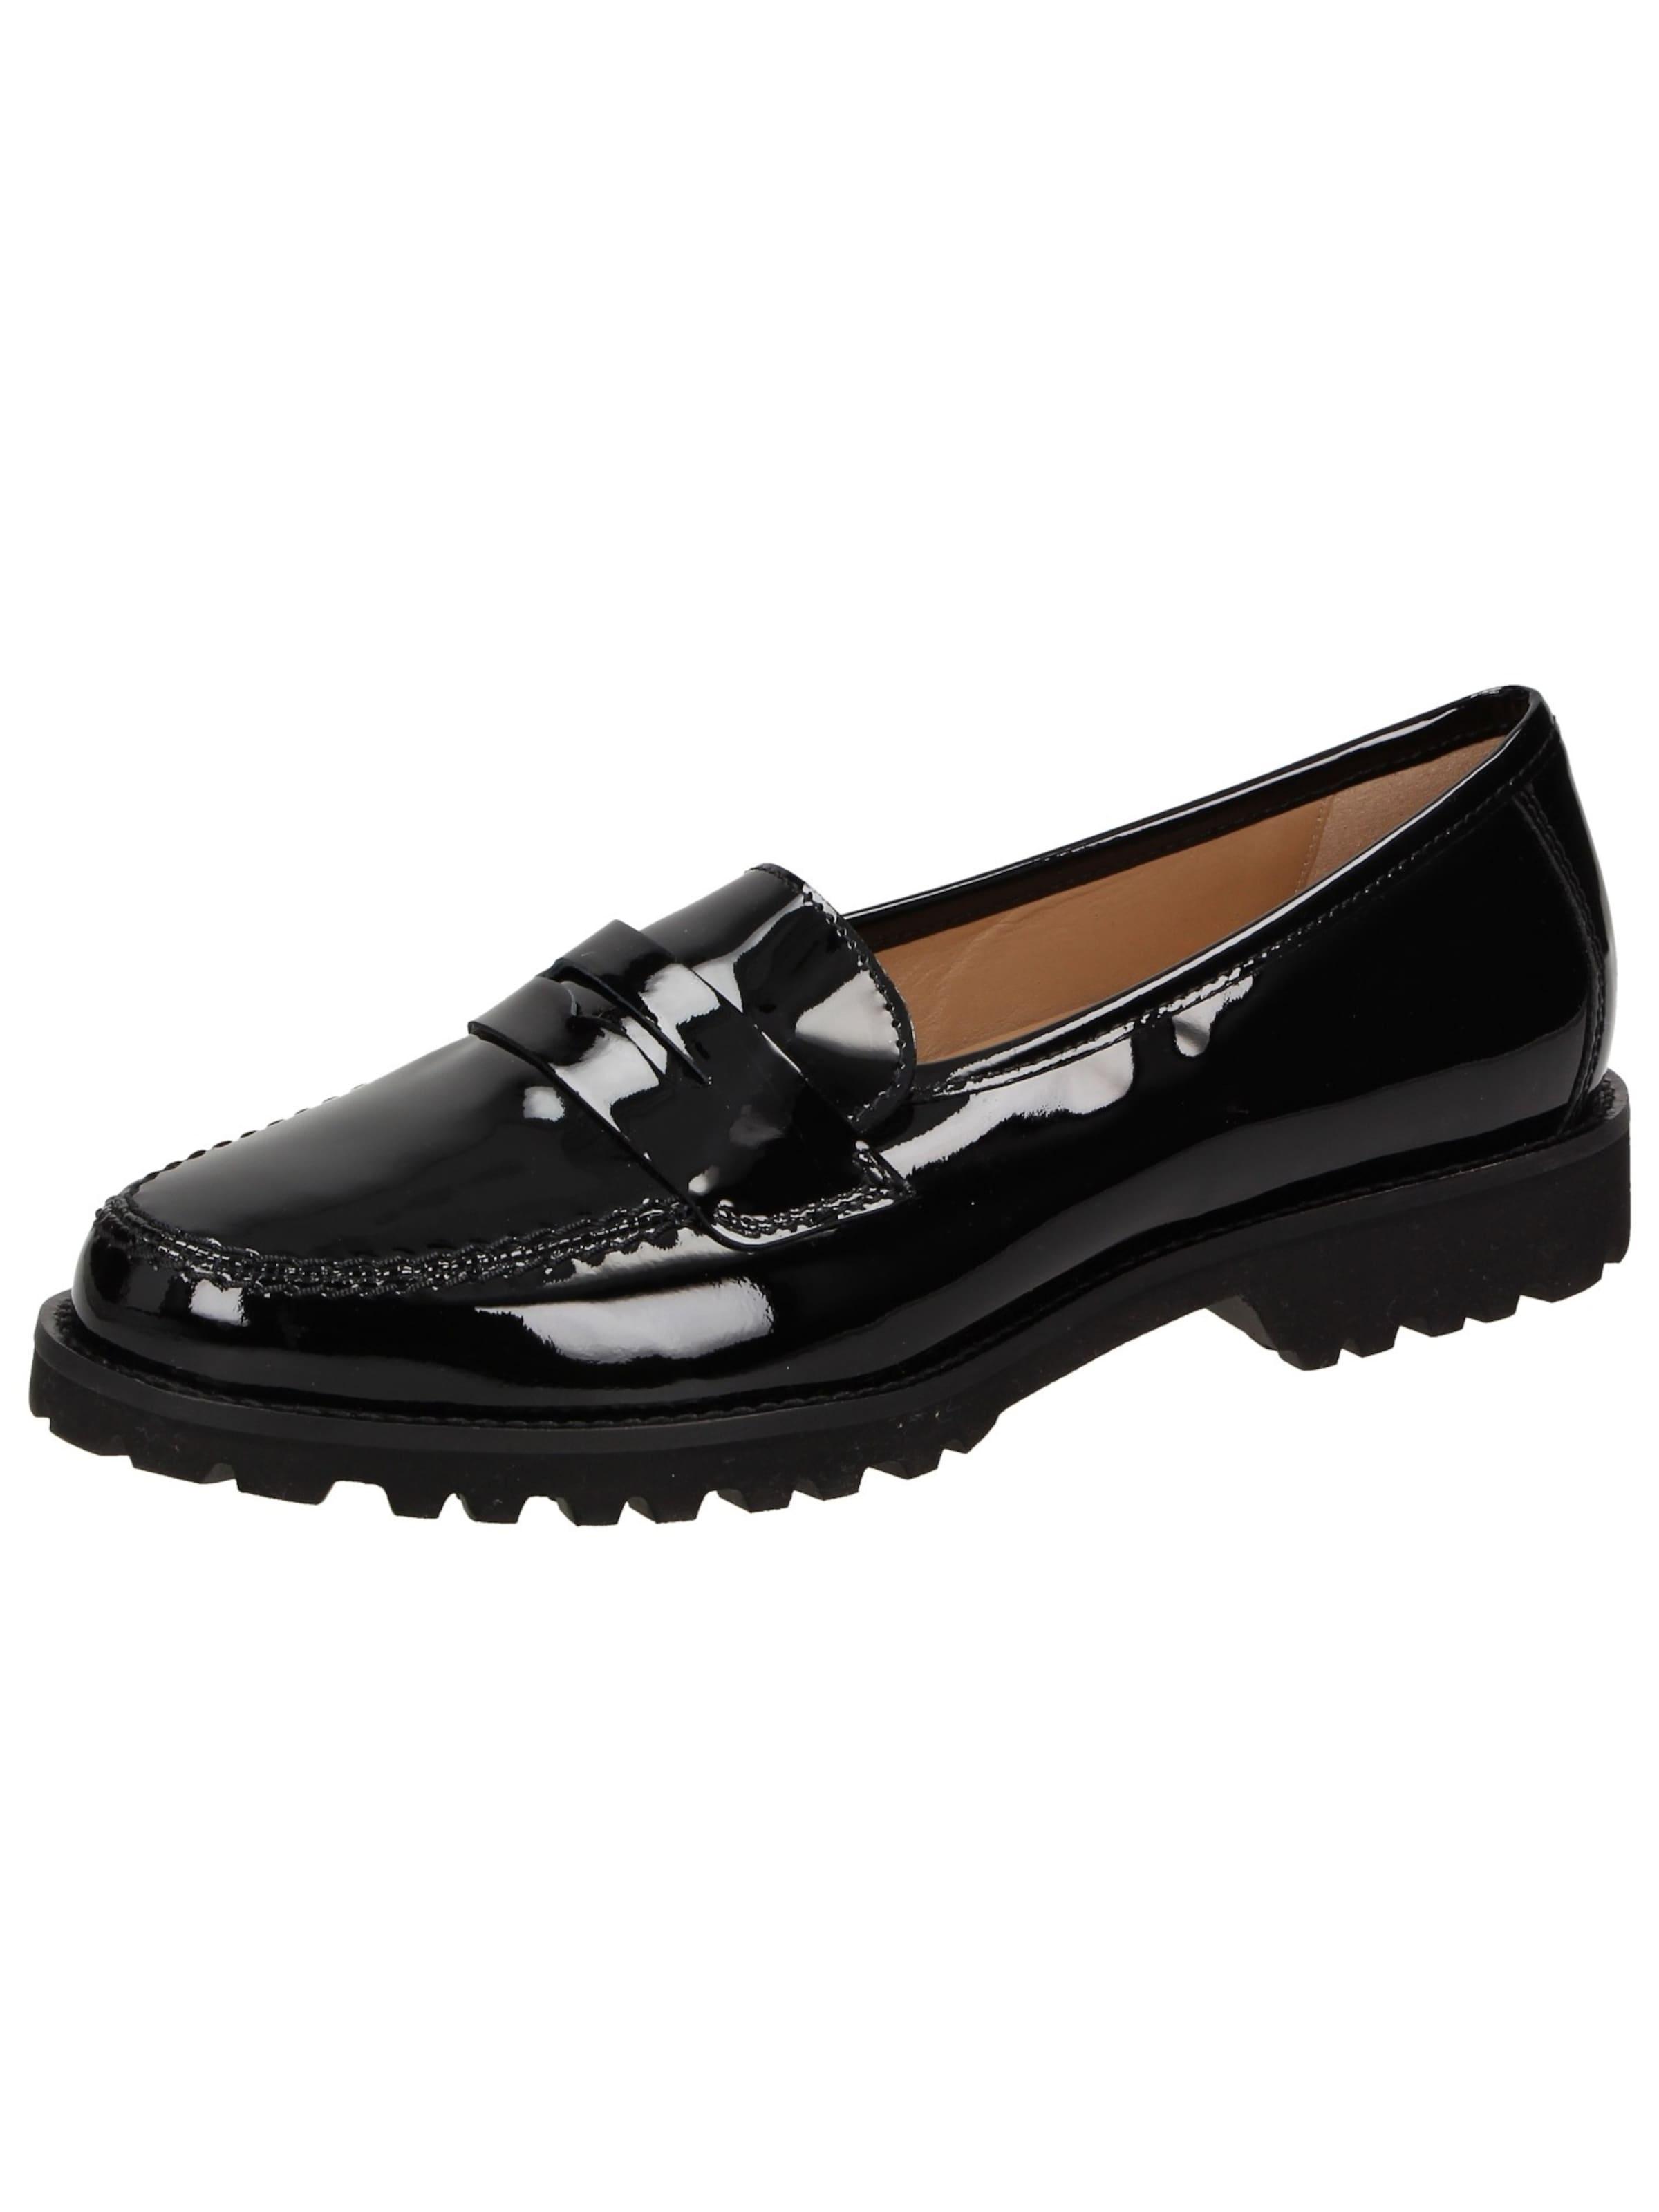 SIOUX Slipper Vedara Verschleißfeste billige Schuhe